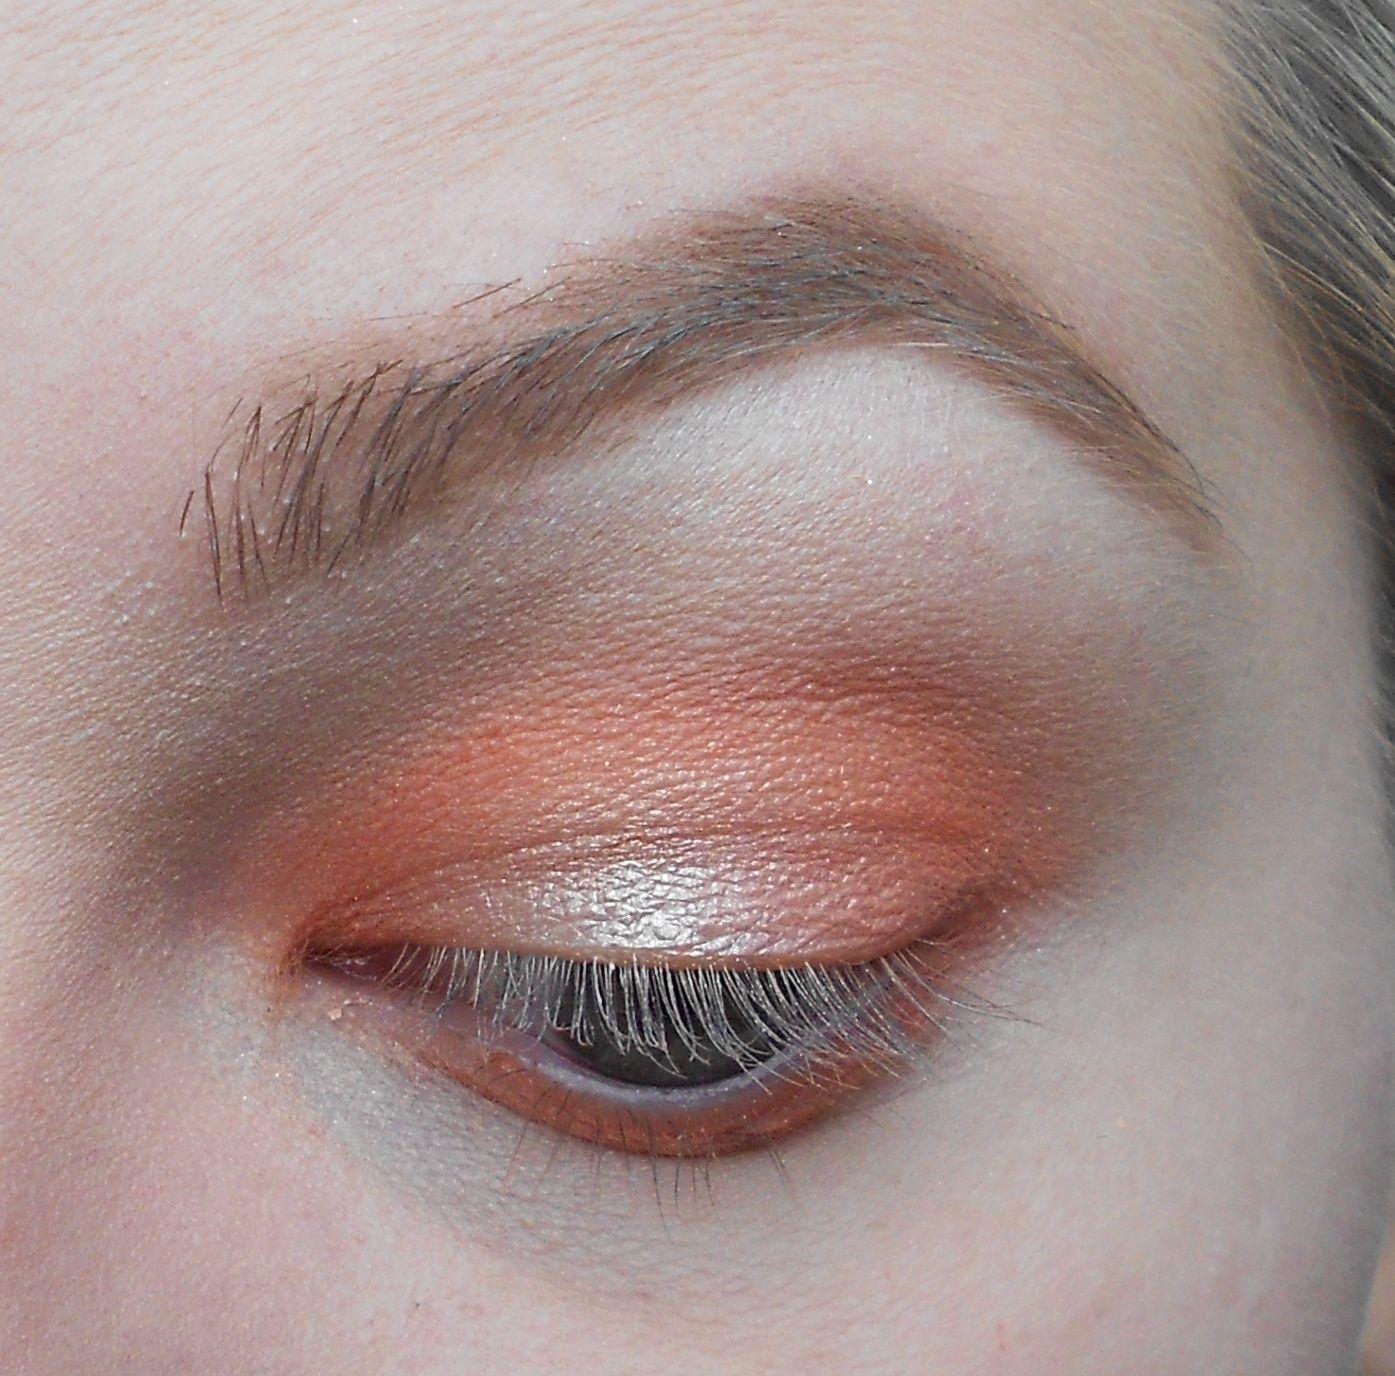 Avec un pinceau plat on prend un doré, ici le pigment Afterglow de Makeup Geek, et on l'applique au centre de la paupière mobile.